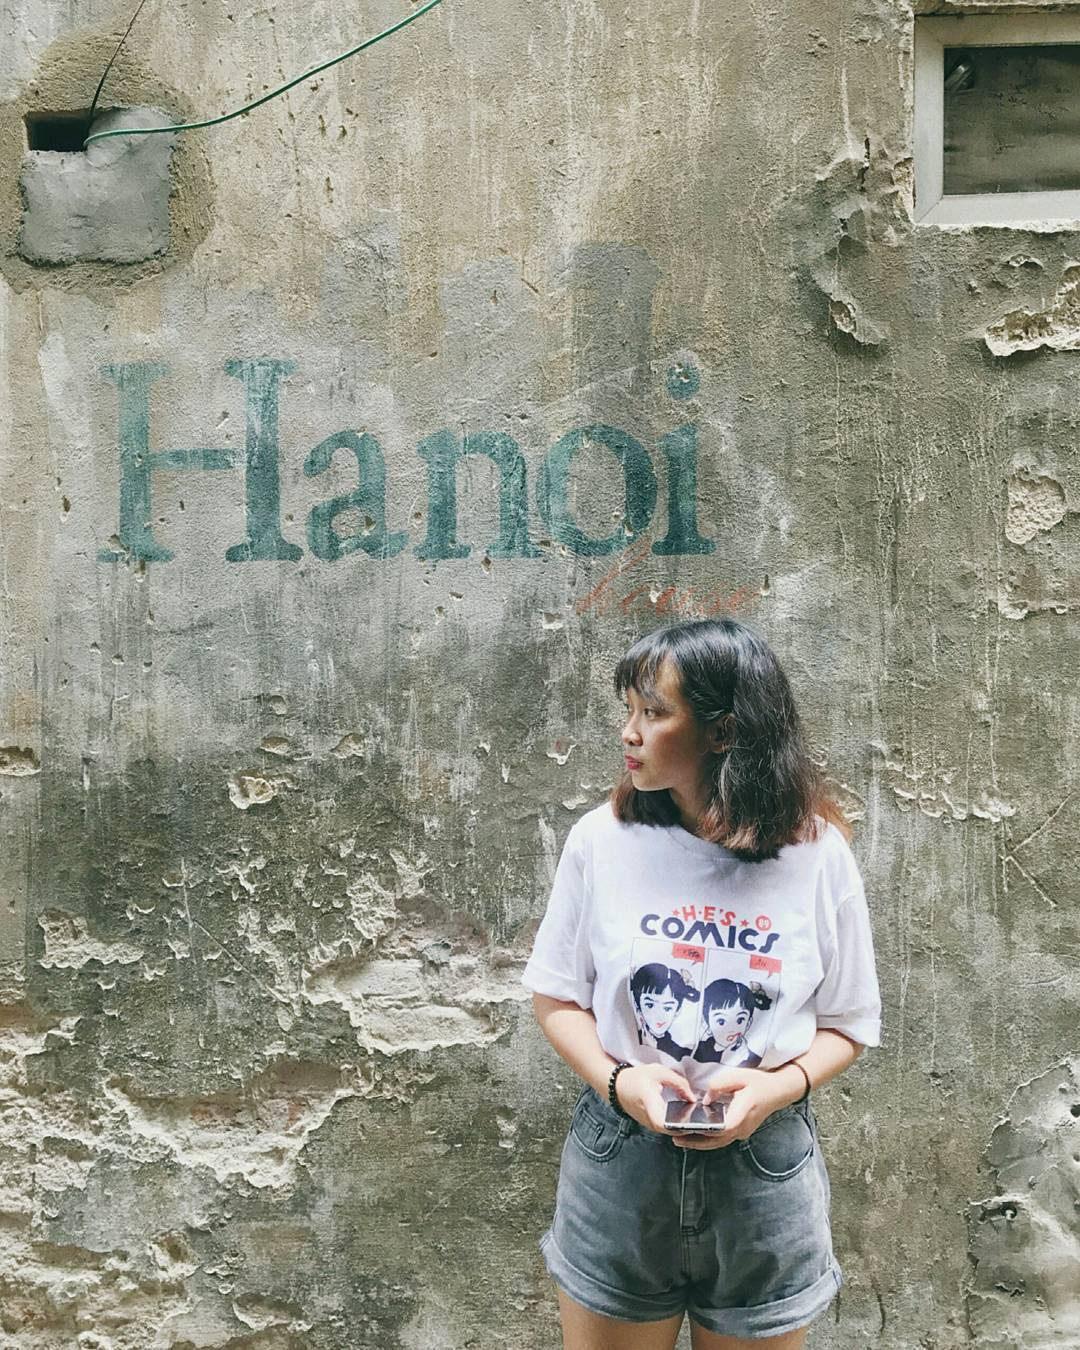 Nóng: Dòng chữ Hanoi trong con ngõ nổi tiếng bị xoá sổ, giới trẻ chính thức mất 1 góc chụp ảnh đặc trưng-3